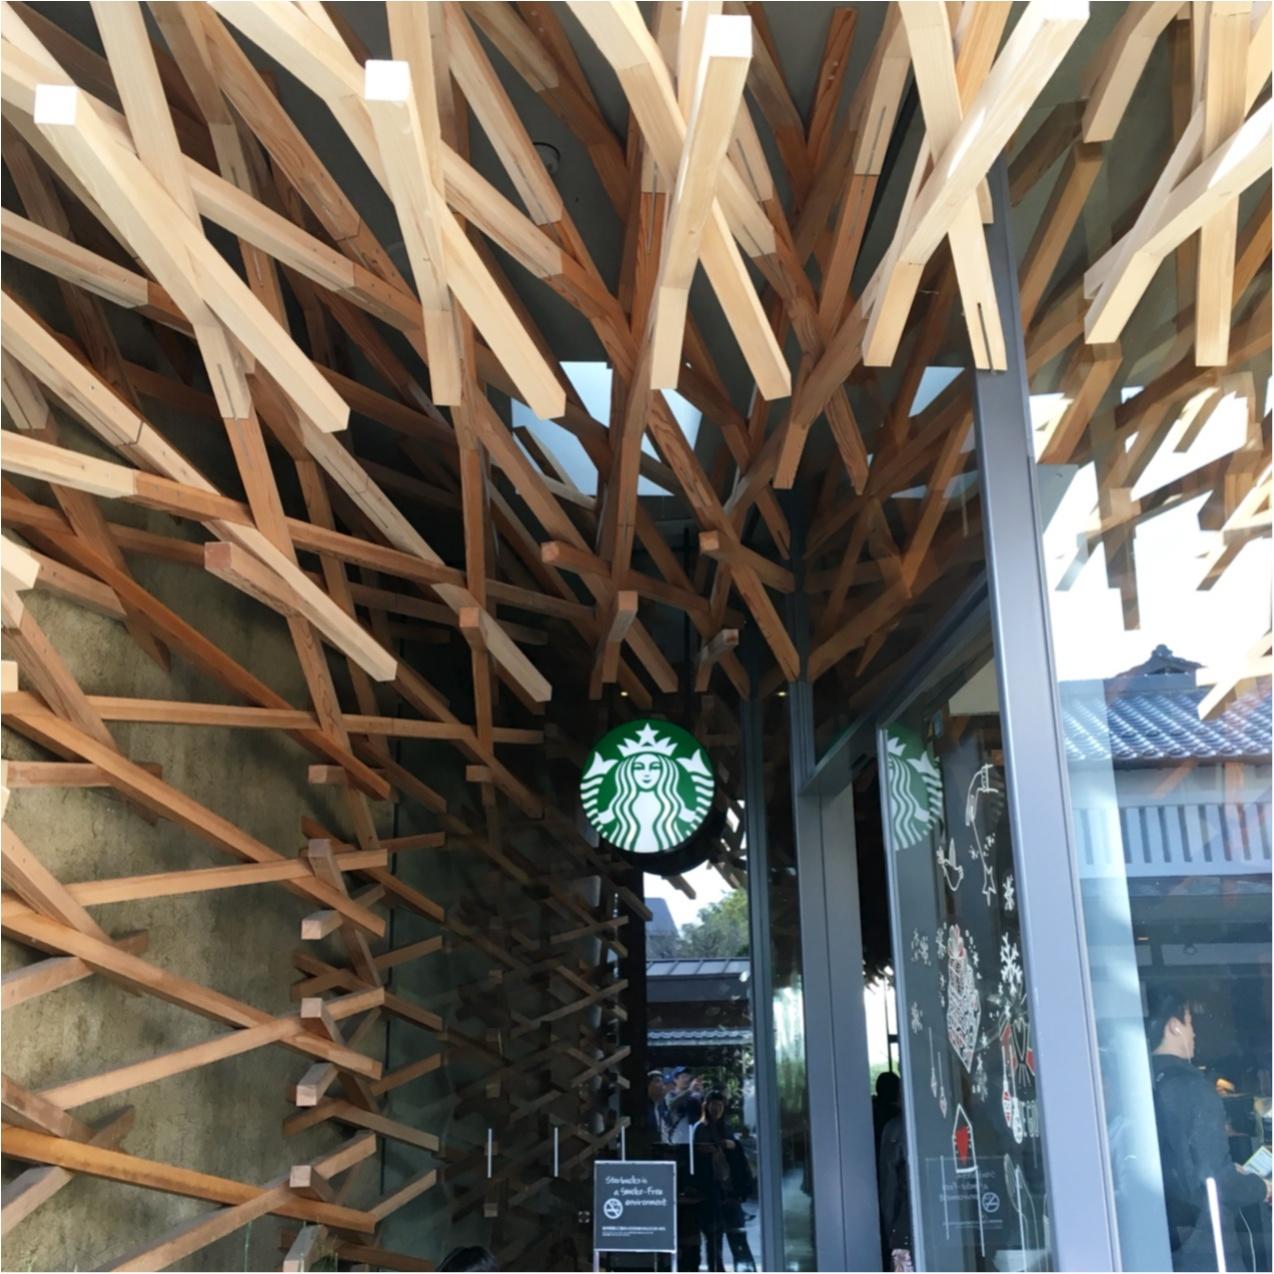 【 日本の珍しいスタバに行きたい♪ 】 芸術的な木のデザインが美しい♡ 大宰府天満宮のスターバックス♡♡_3